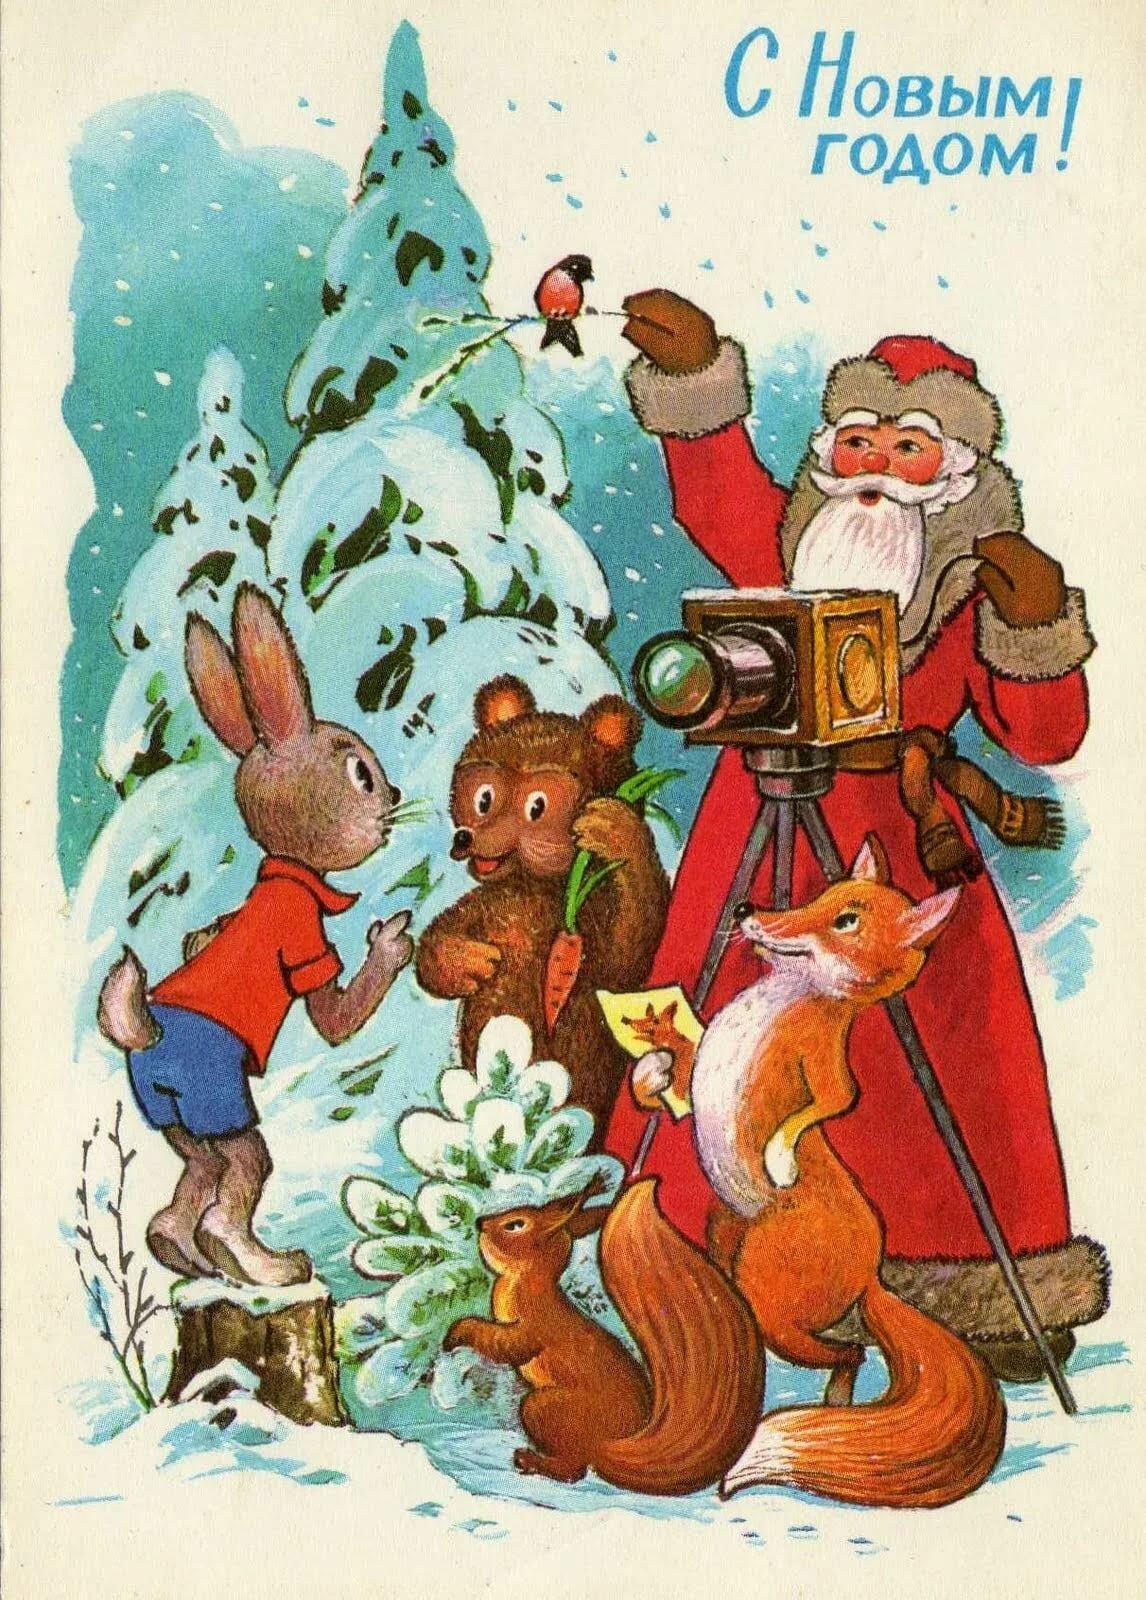 Новогодние открытки советского стиля